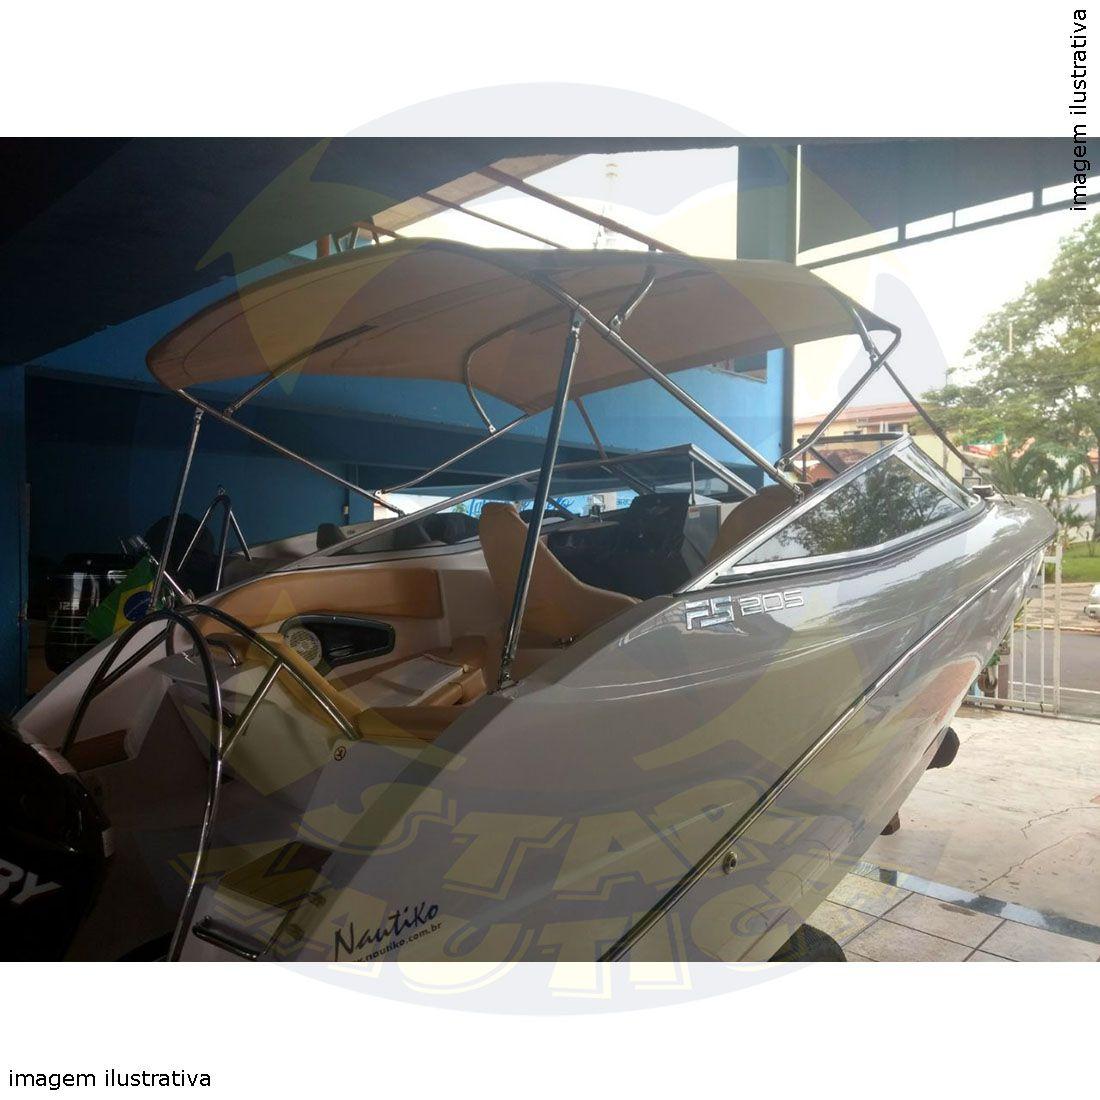 Capota Toldo Lancha Focker 230 Acrílica 4 Arcos Tubo 1 1/4